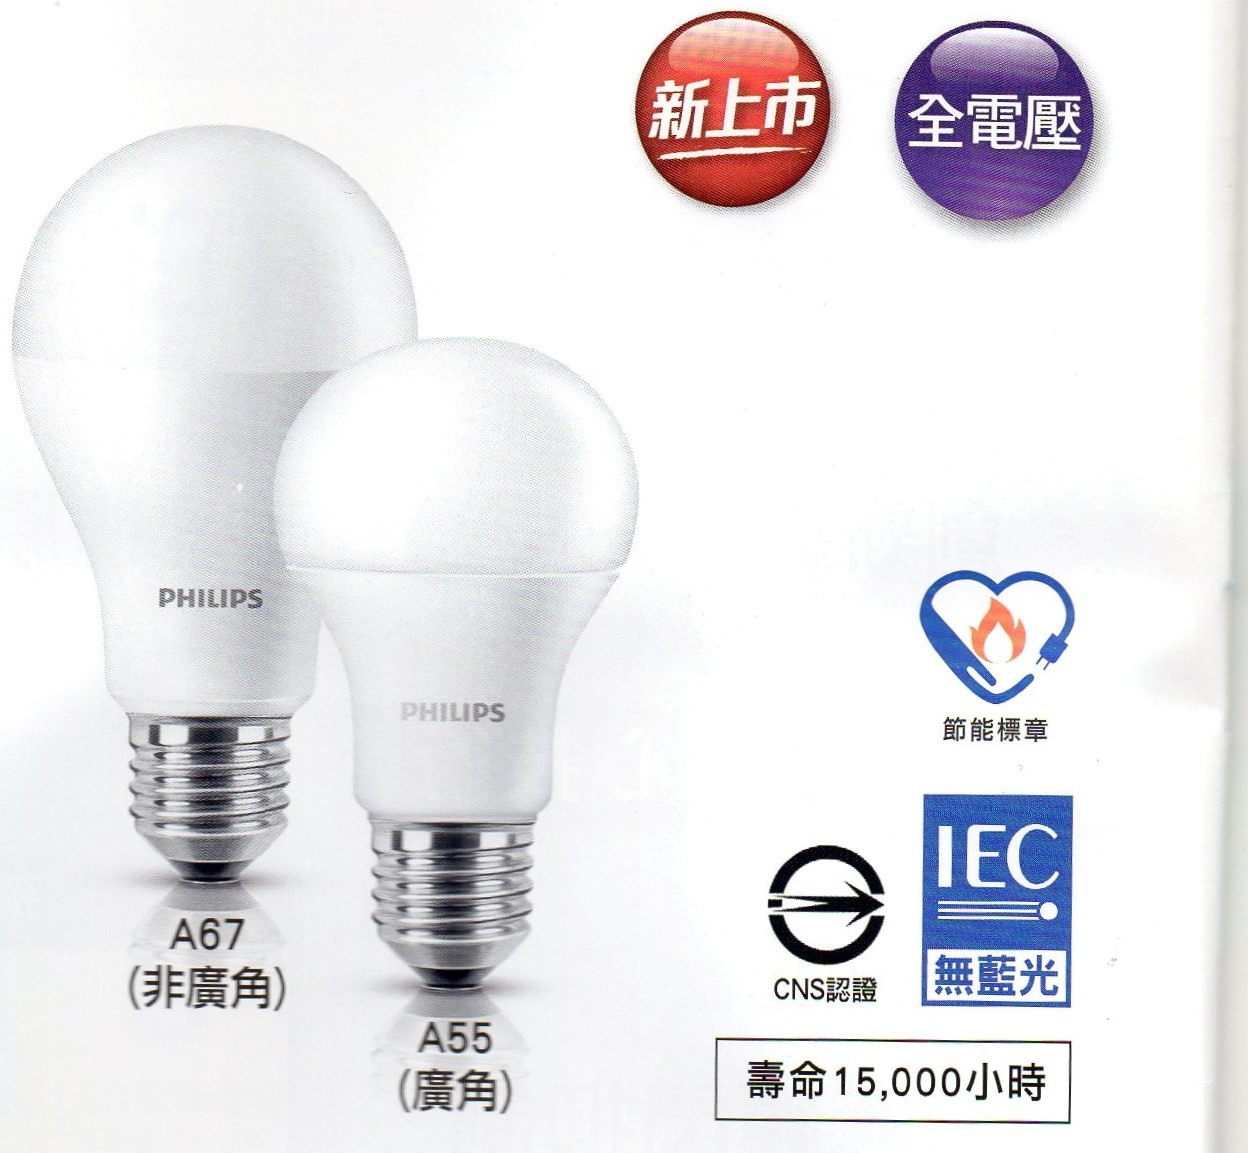 飛利浦LED省電球泡燈7.5W